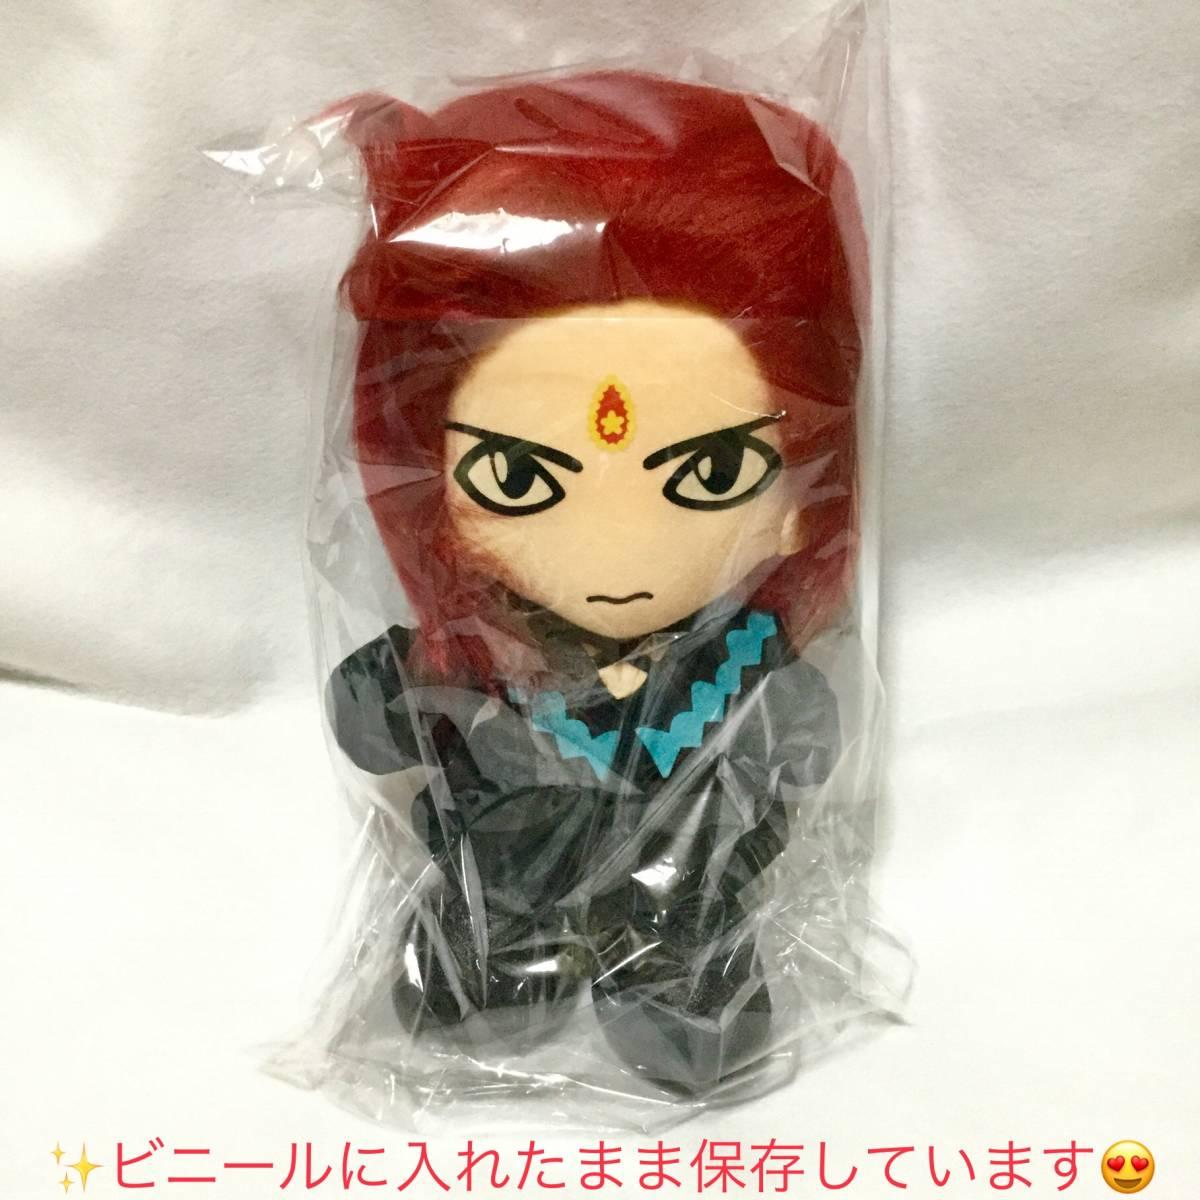 hide Yoshikiも持ってる DX ぬいぐるみ 特殊ブラック染め加工 参考( X JAPAN 人形 ギター イエローハート ライブ イベント メモリアル DVD_画像6